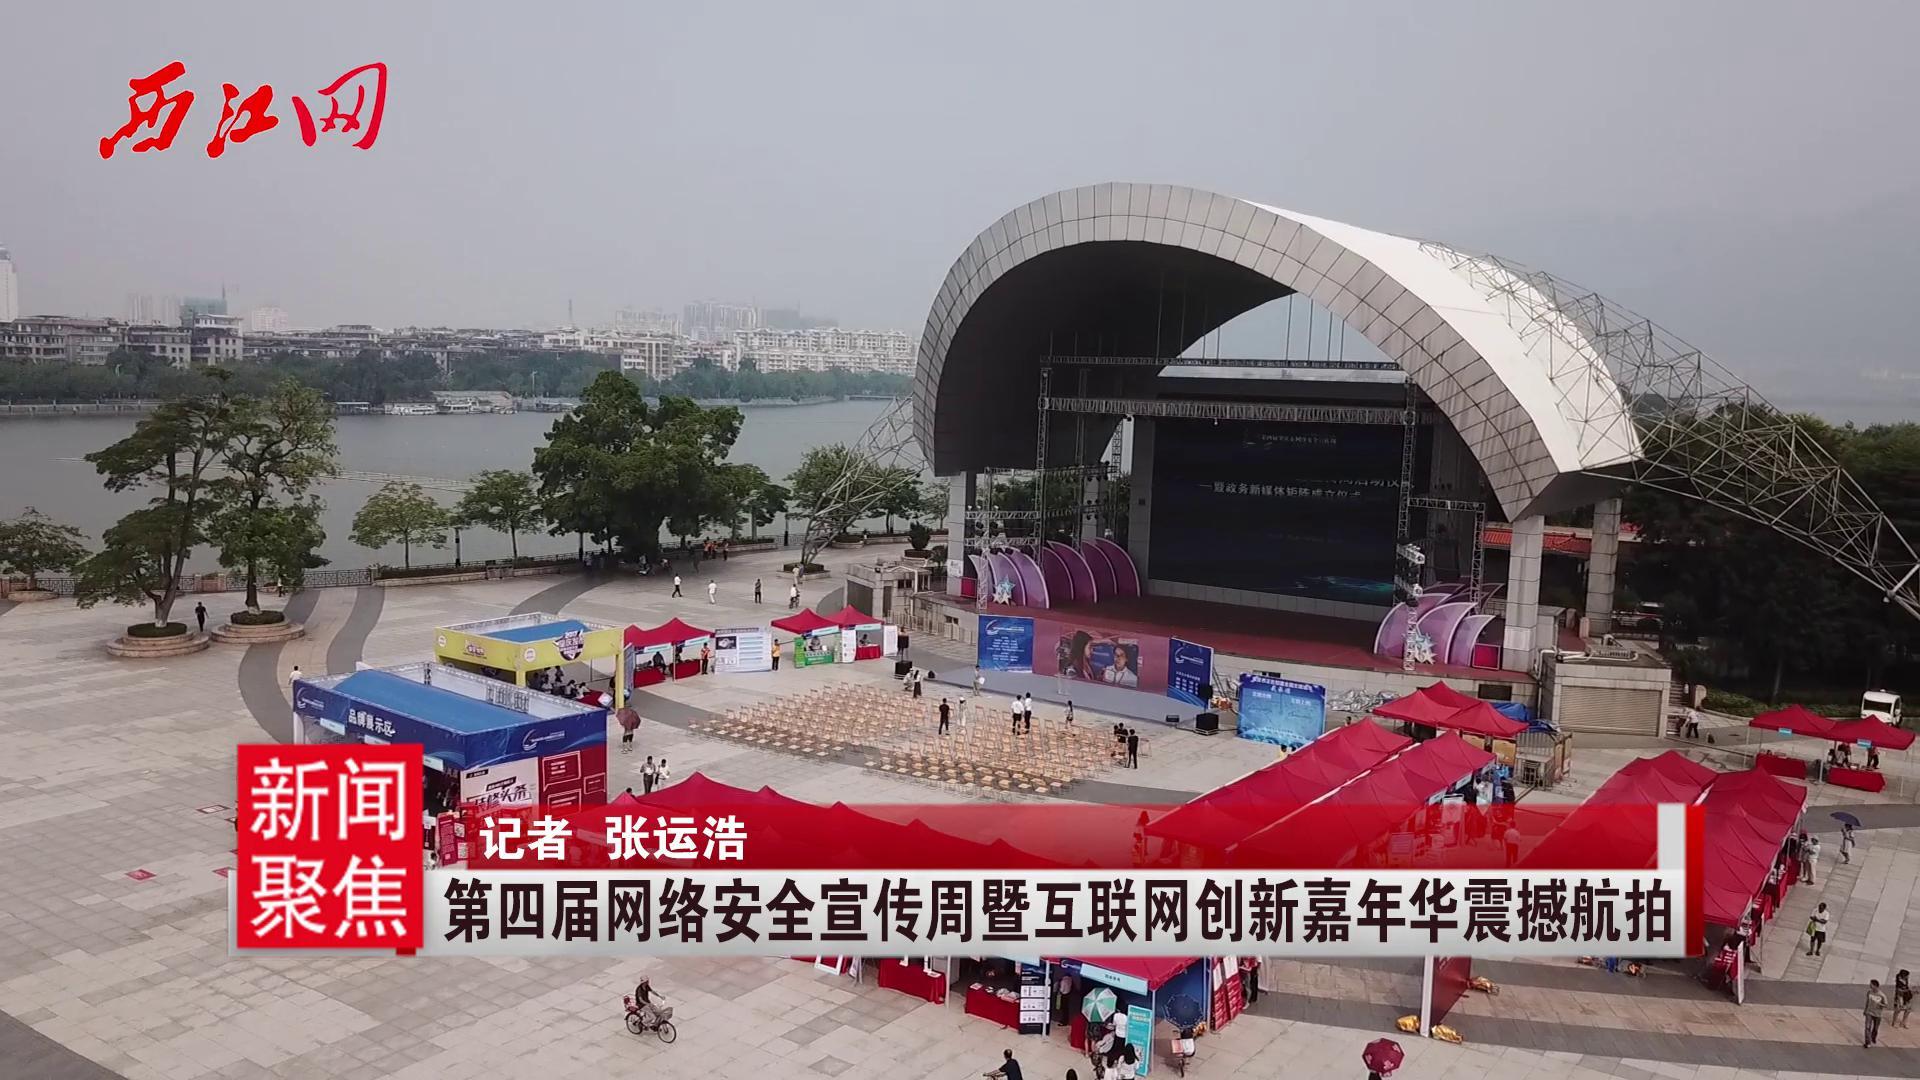 第四届网络安全宣传周暨互联网创新嘉年华震撼航拍